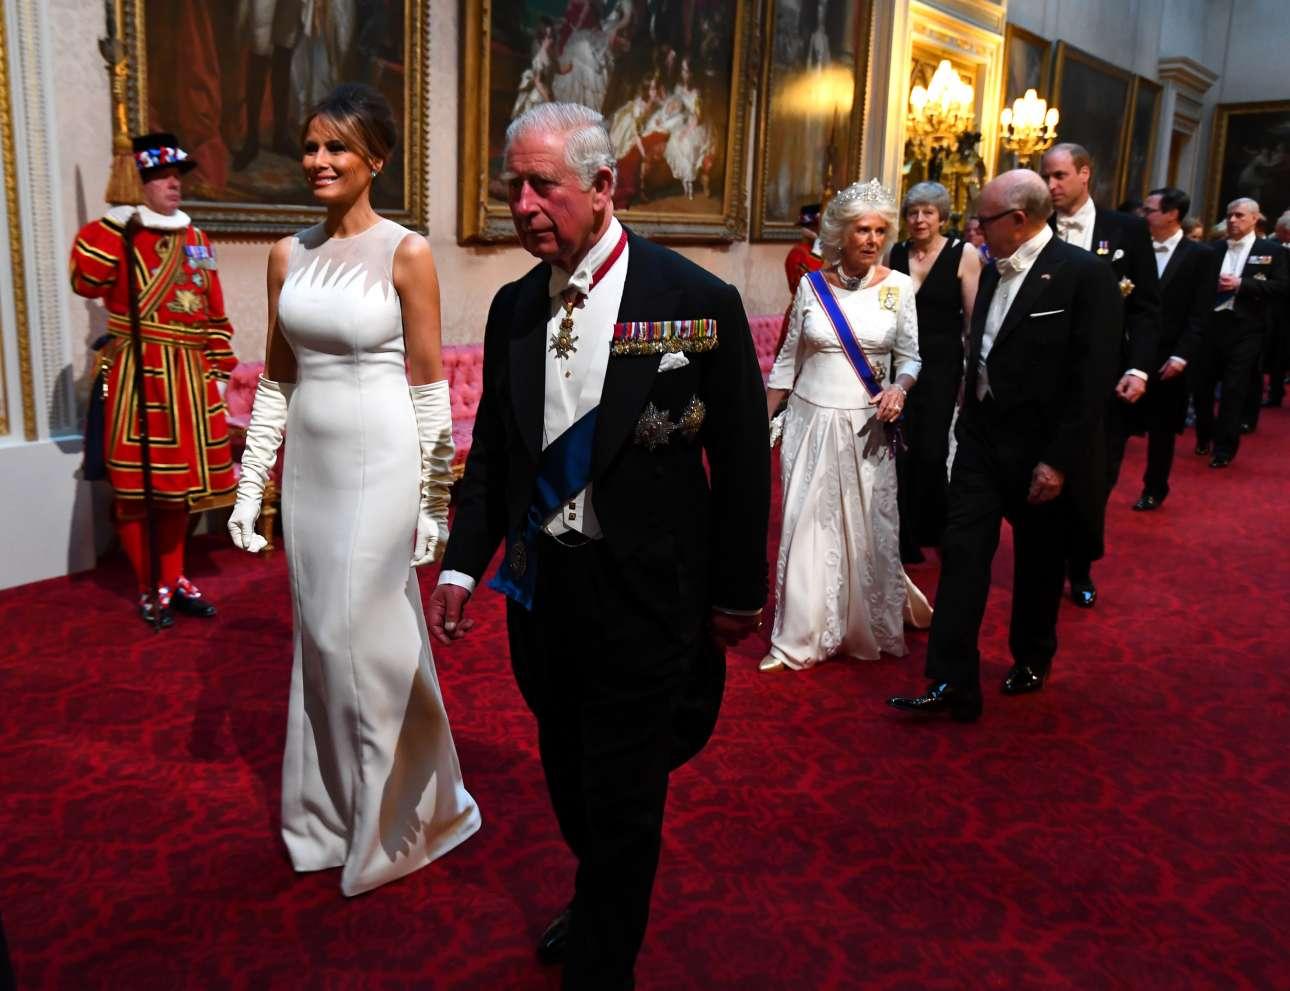 Η Μελάνια Τραμπ, ο πρίγκιπας Κάρολος, η Καμίλα και άλλοι εκλεκτοί καλεσμένοι προσέρχονται στο δείπνο